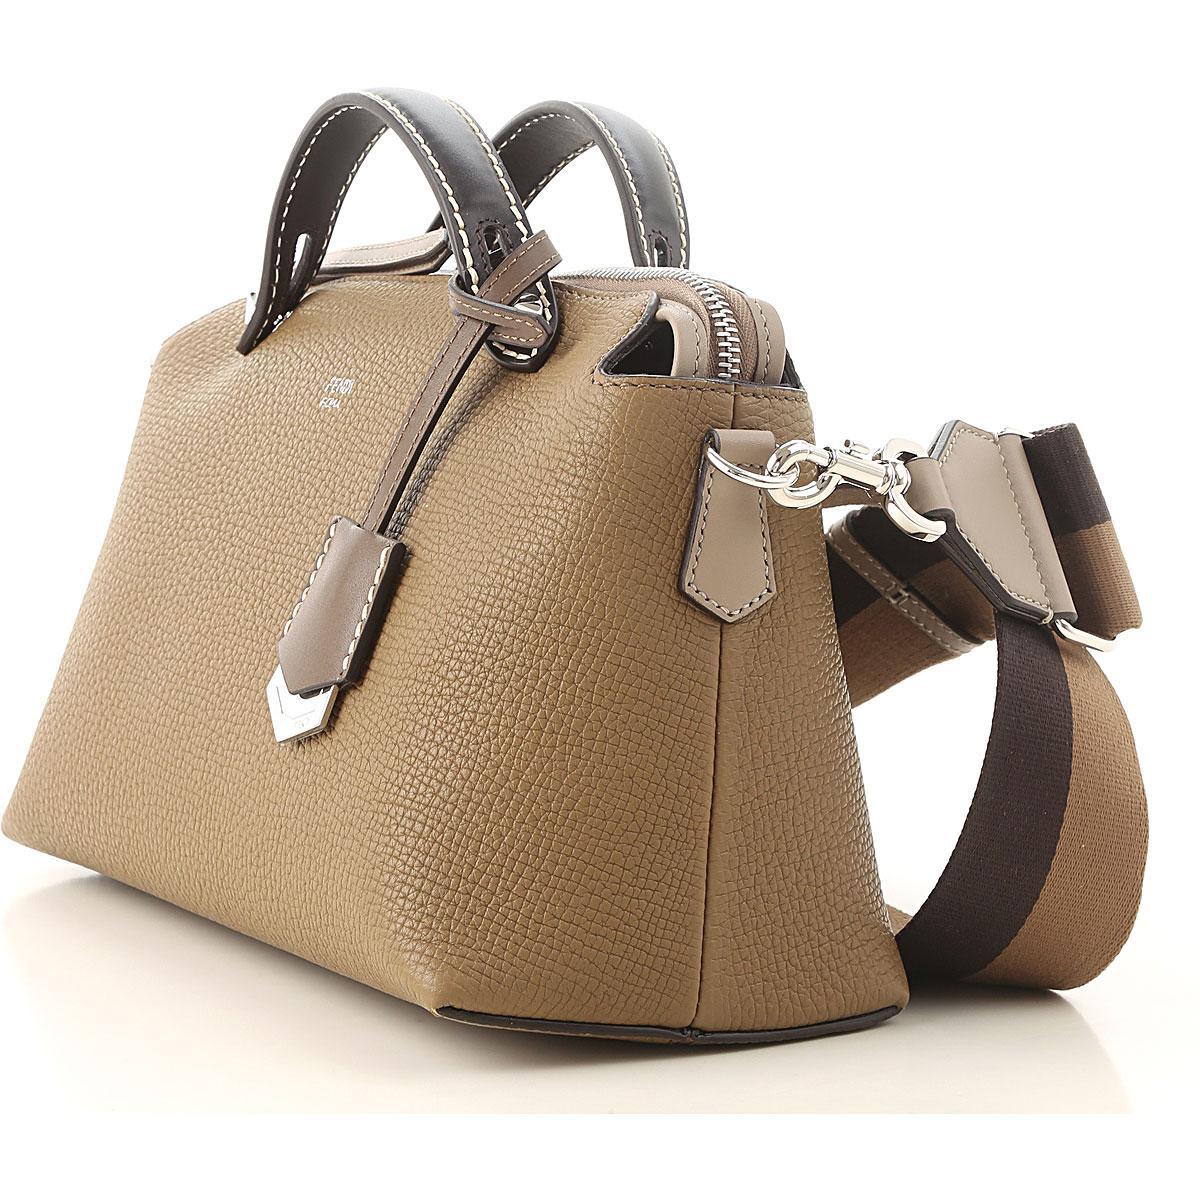 2c534e0bb5cf Fendi - Multicolor Top Handle Handbag - Lyst. View fullscreen